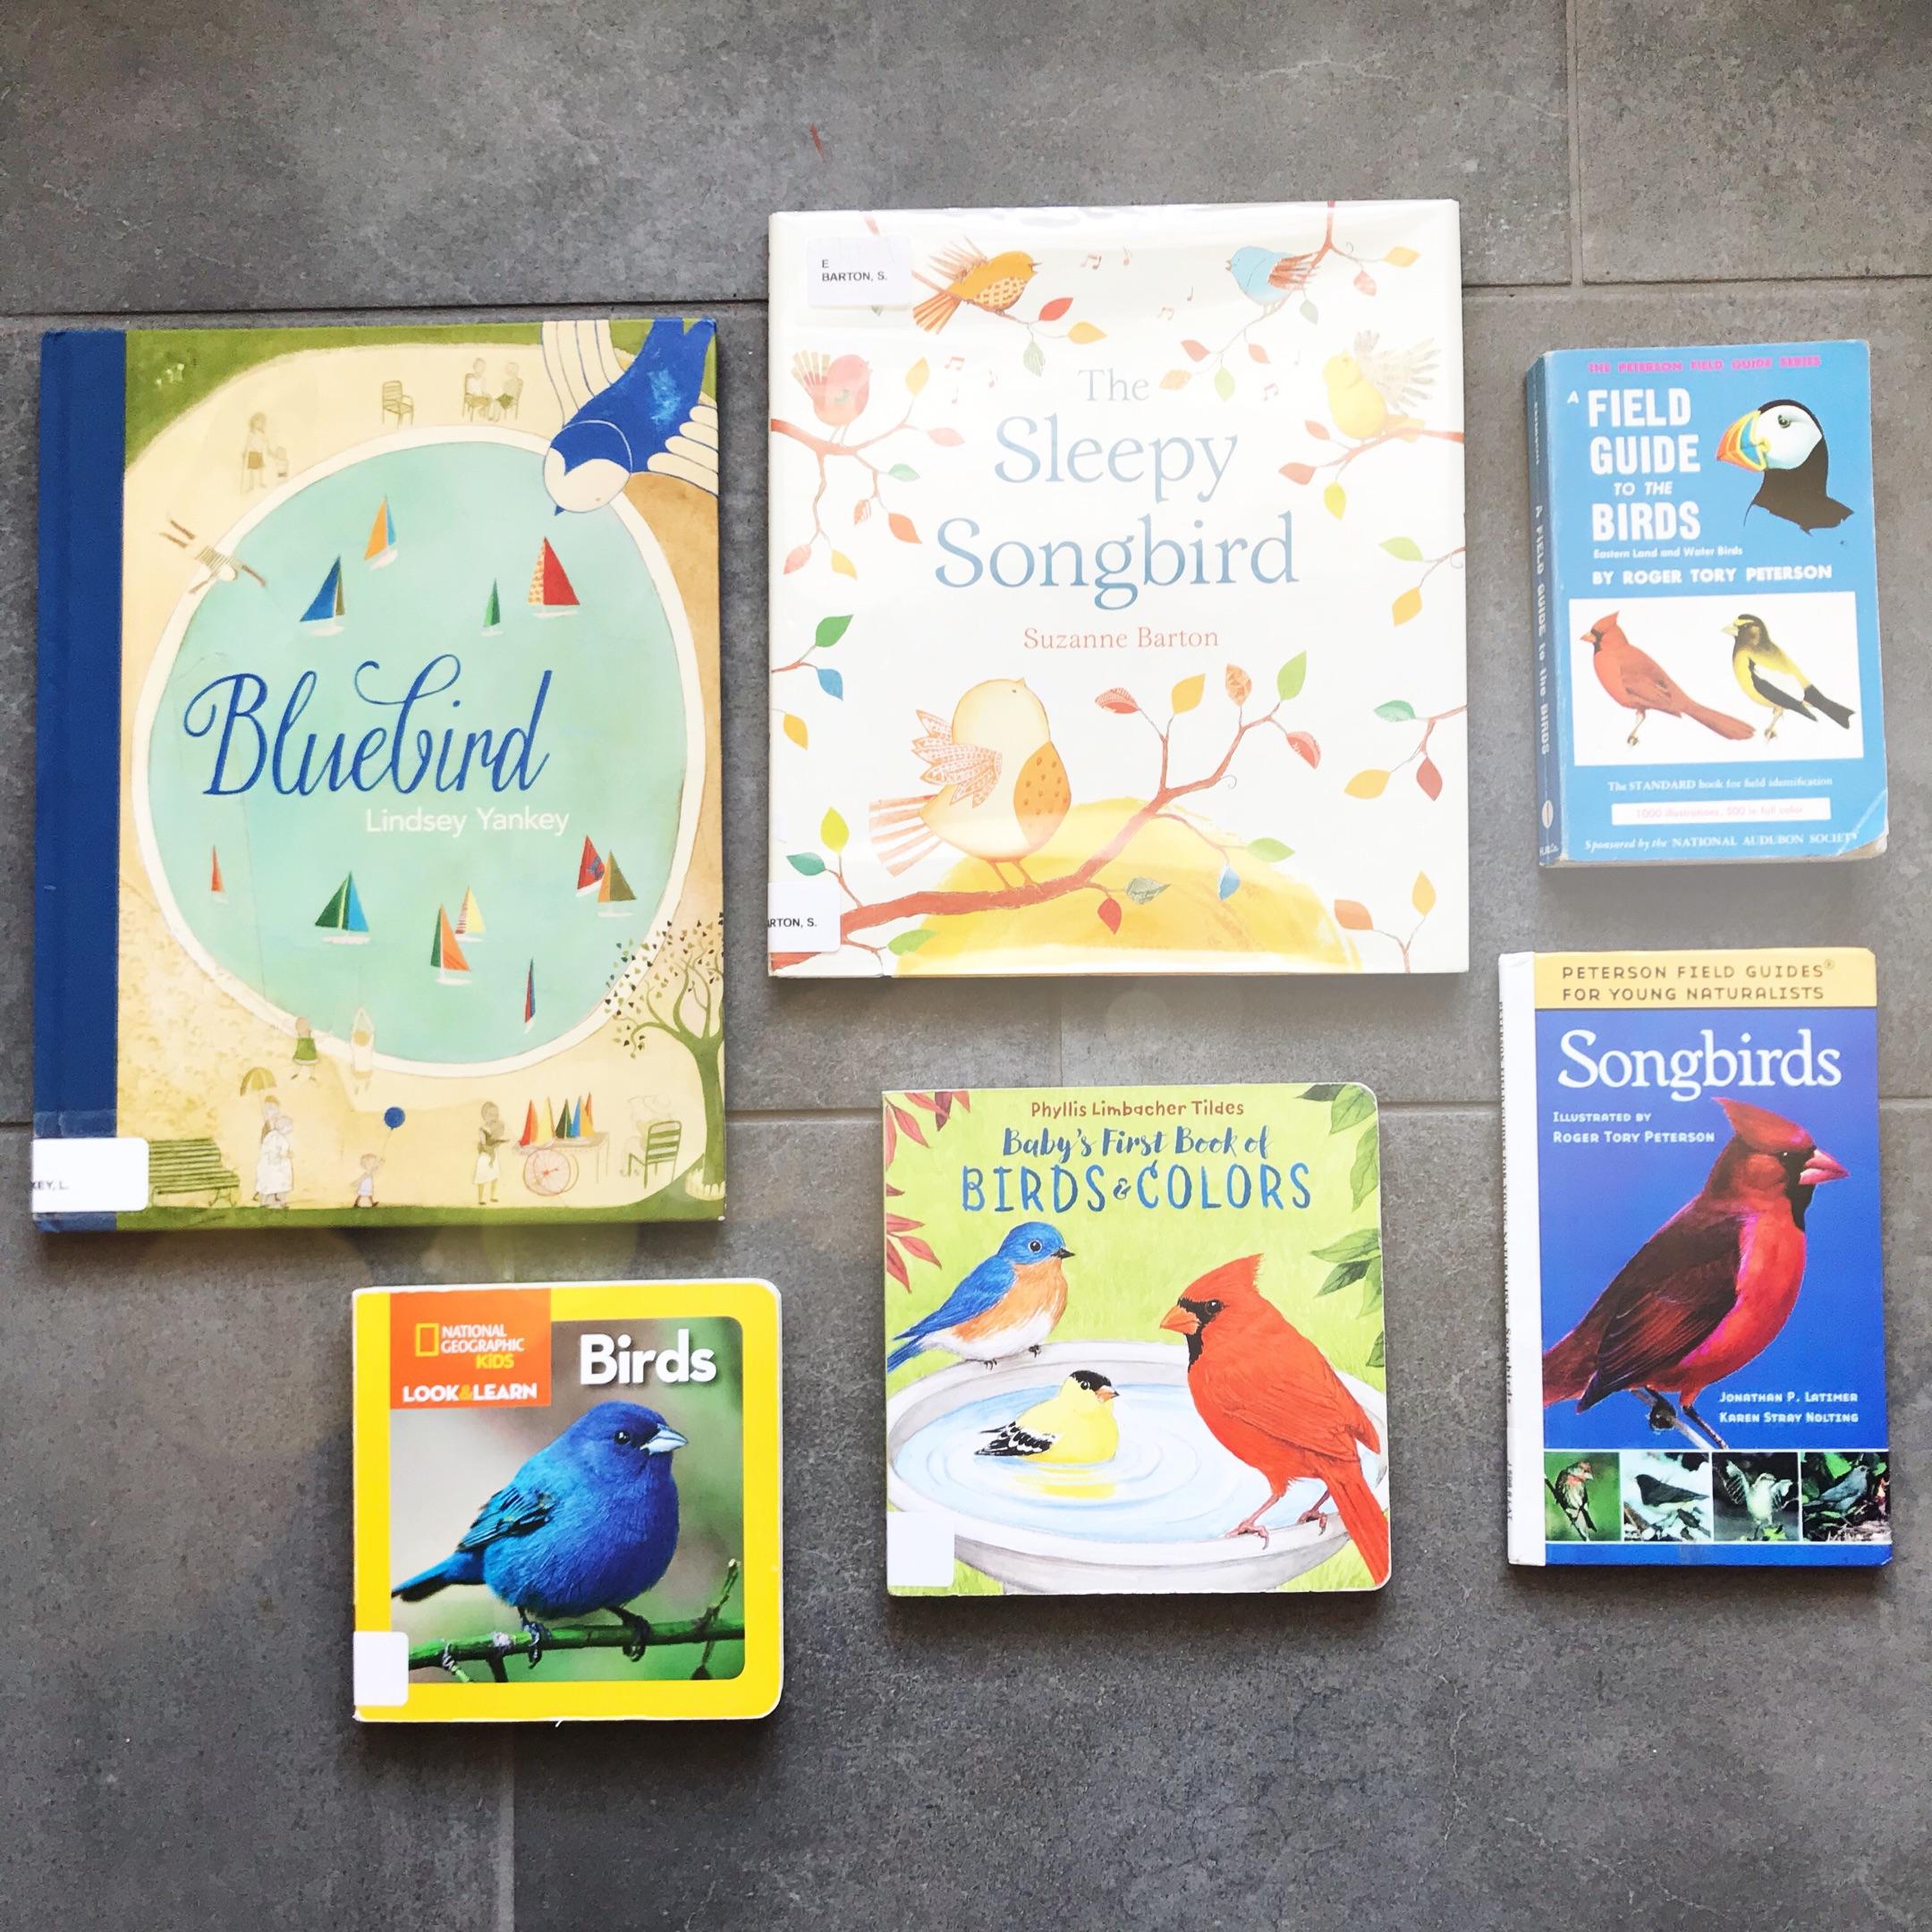 Birdreadalouds.jpg